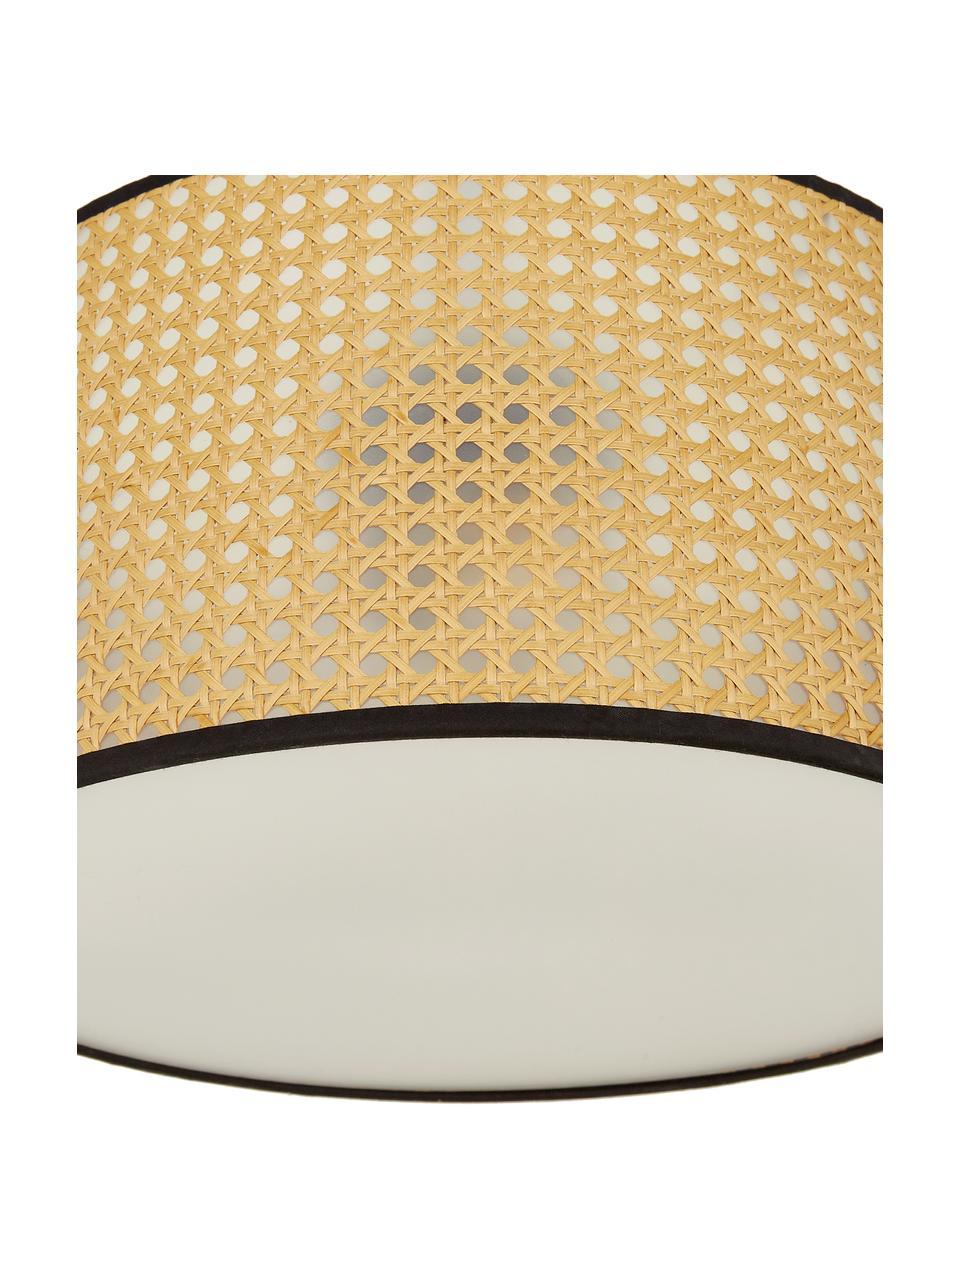 Lampa sufitowa z plecionką wiedeńską Vienna, Klosz: beżowy, czarny Osłona mocowania sufitowego: czarny matowy, Ø 40 x W 20 cm